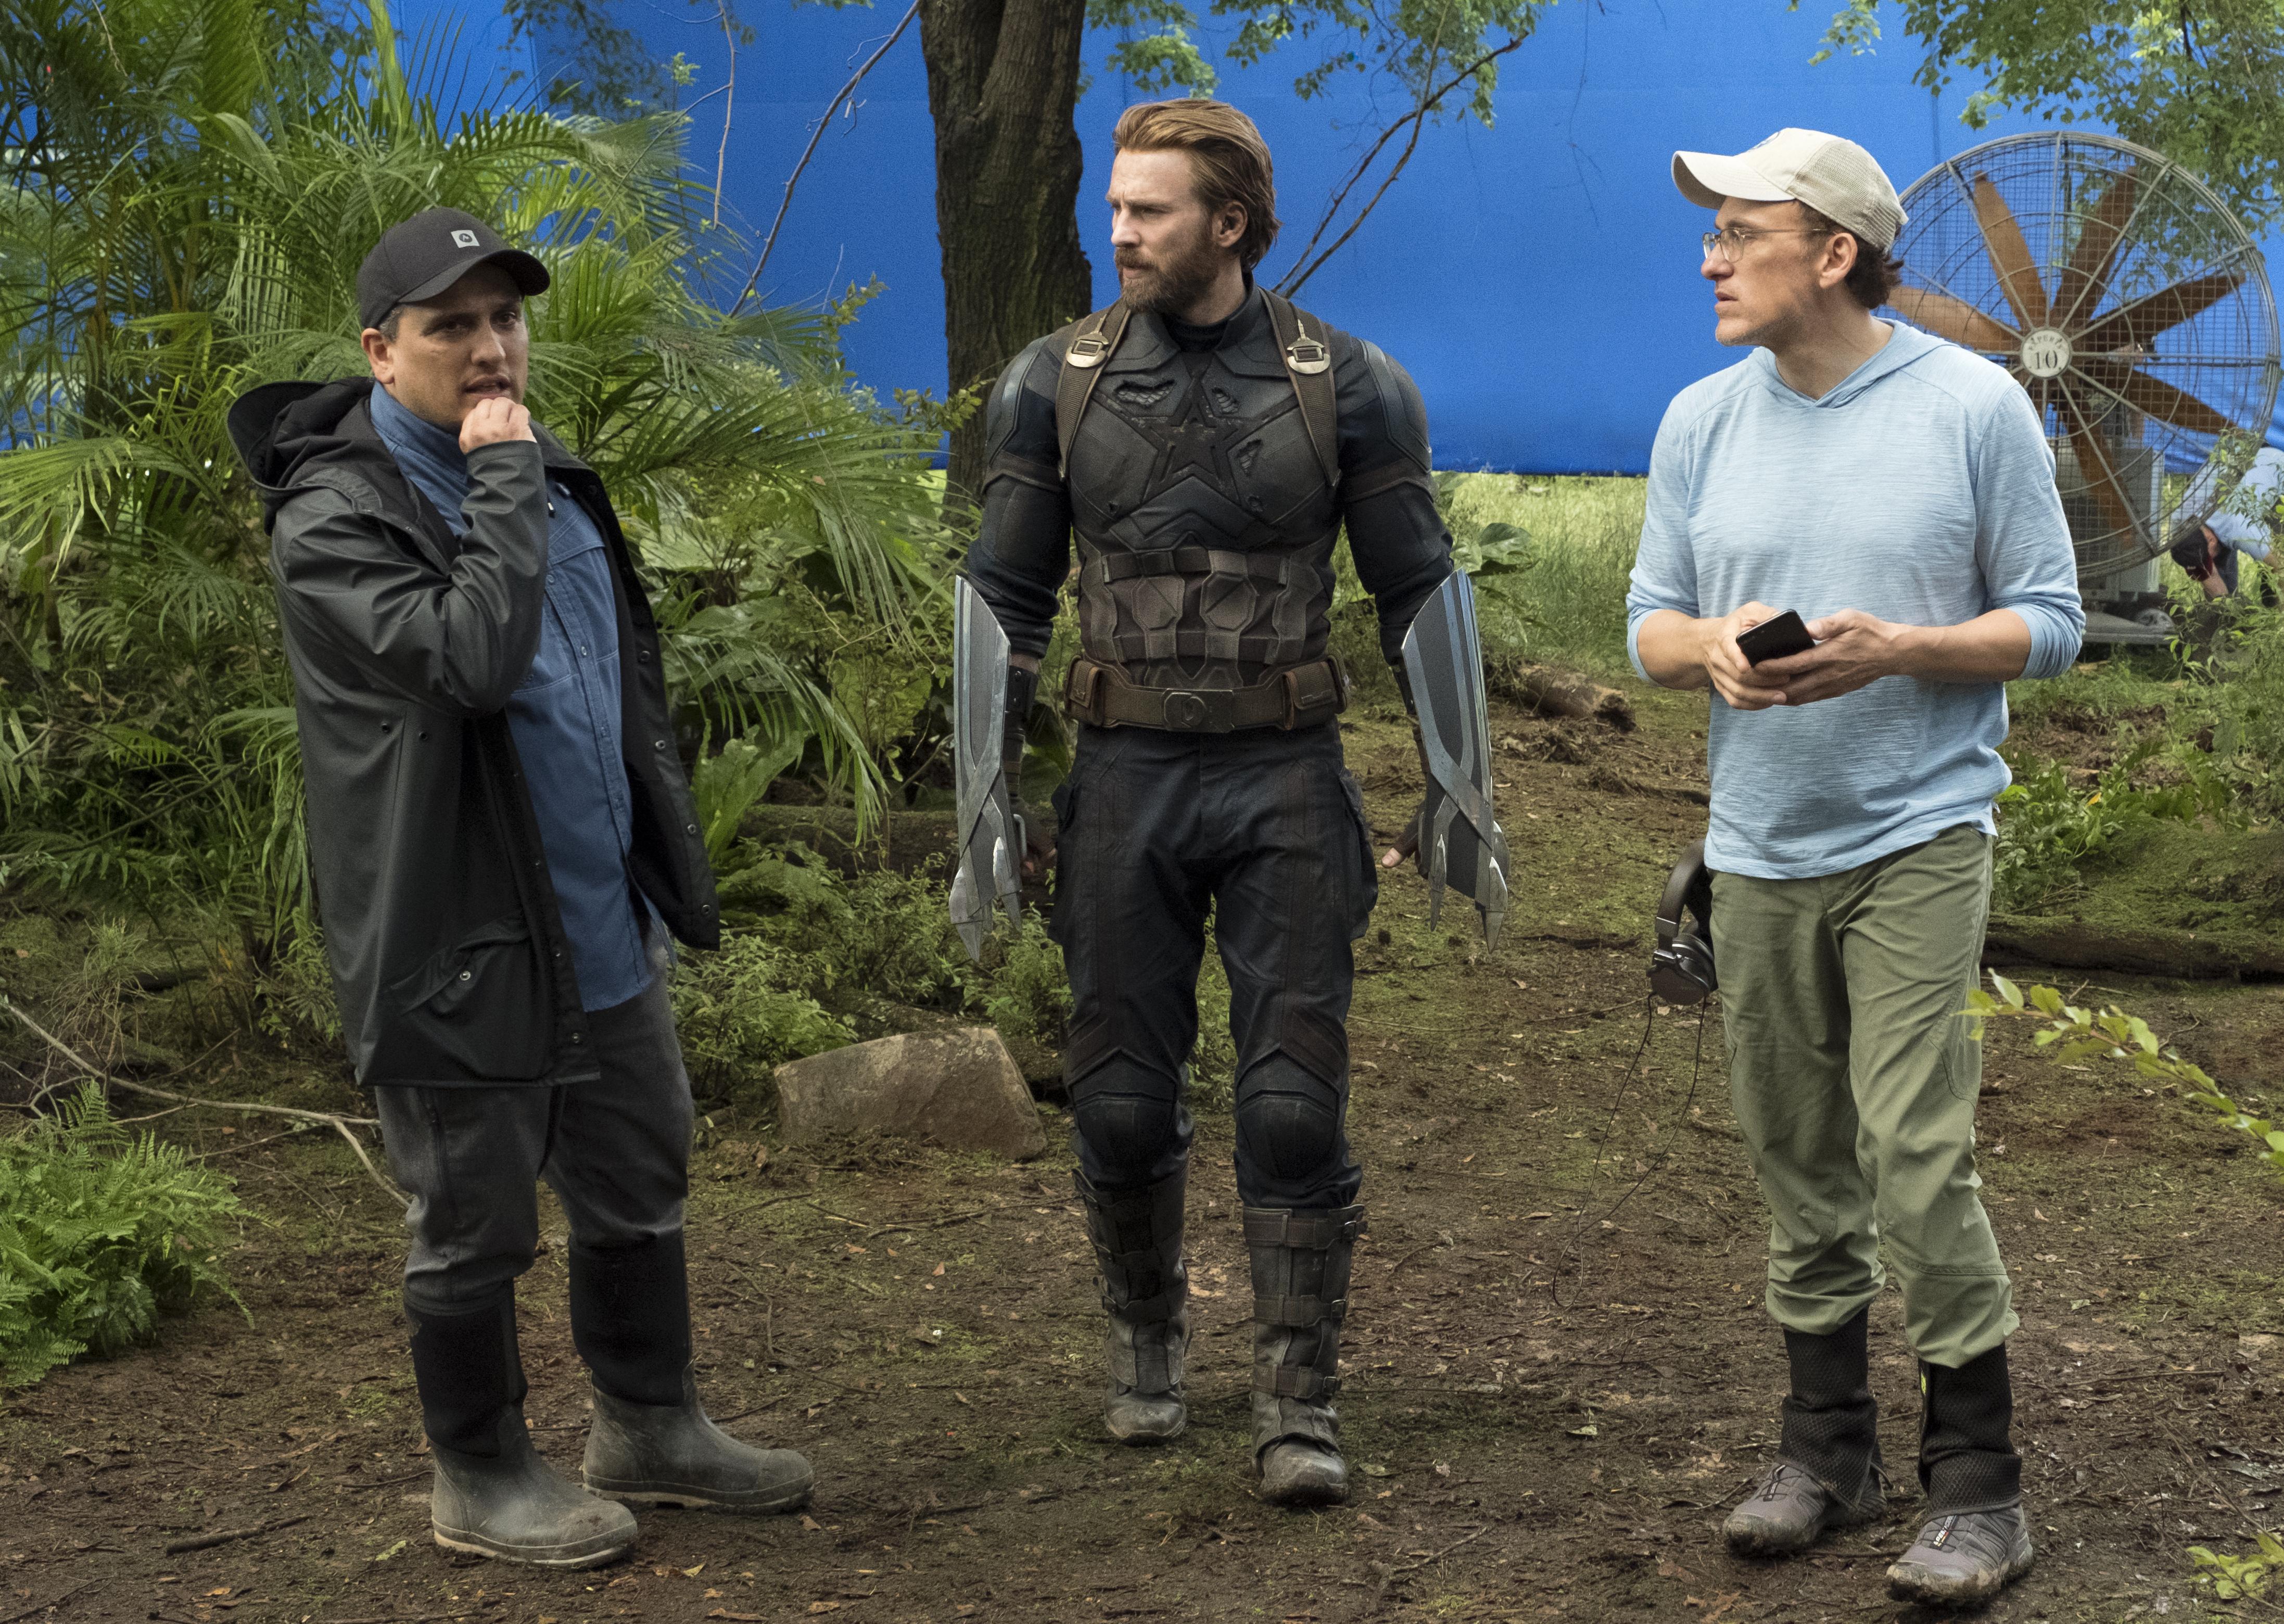 filmkritik: »avengers: infinity war« (2018) – alle gegen thanos - sf